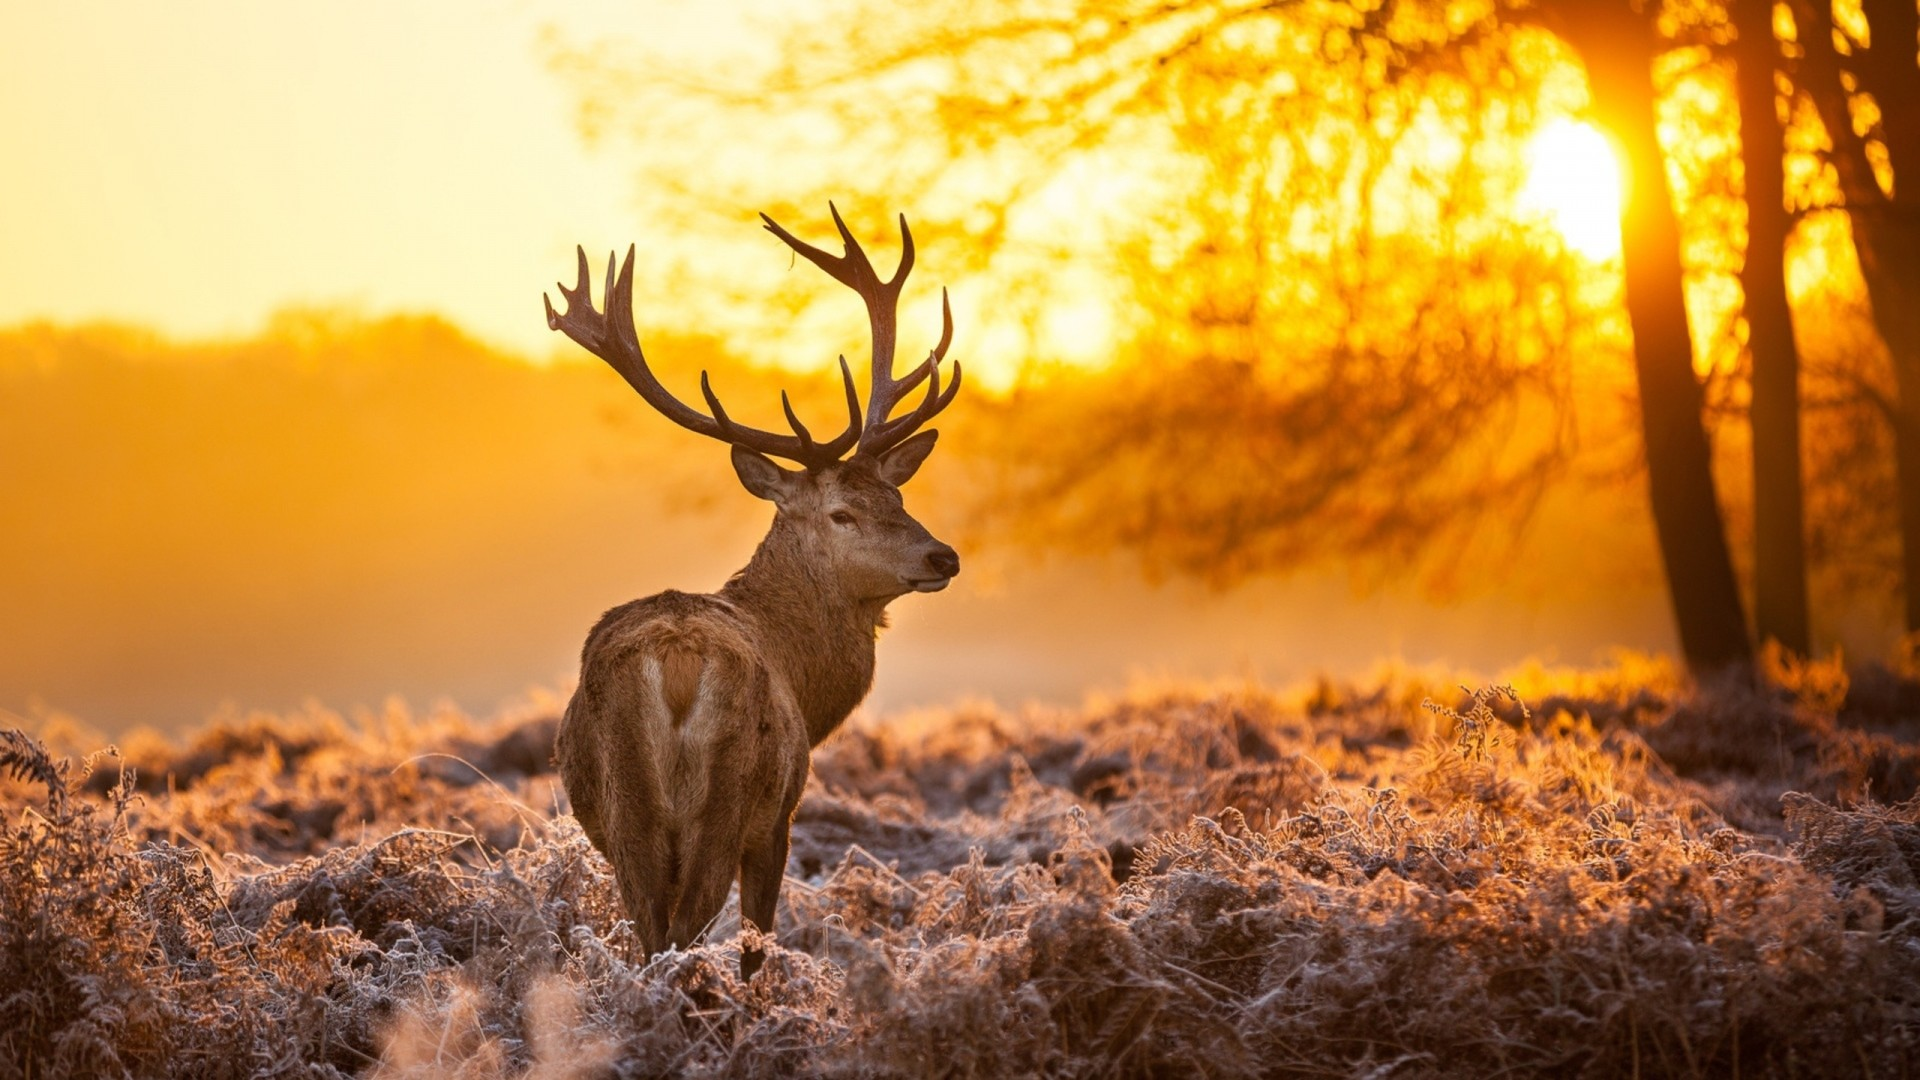 Wallpaper deer, frost, grass, sunset, nature